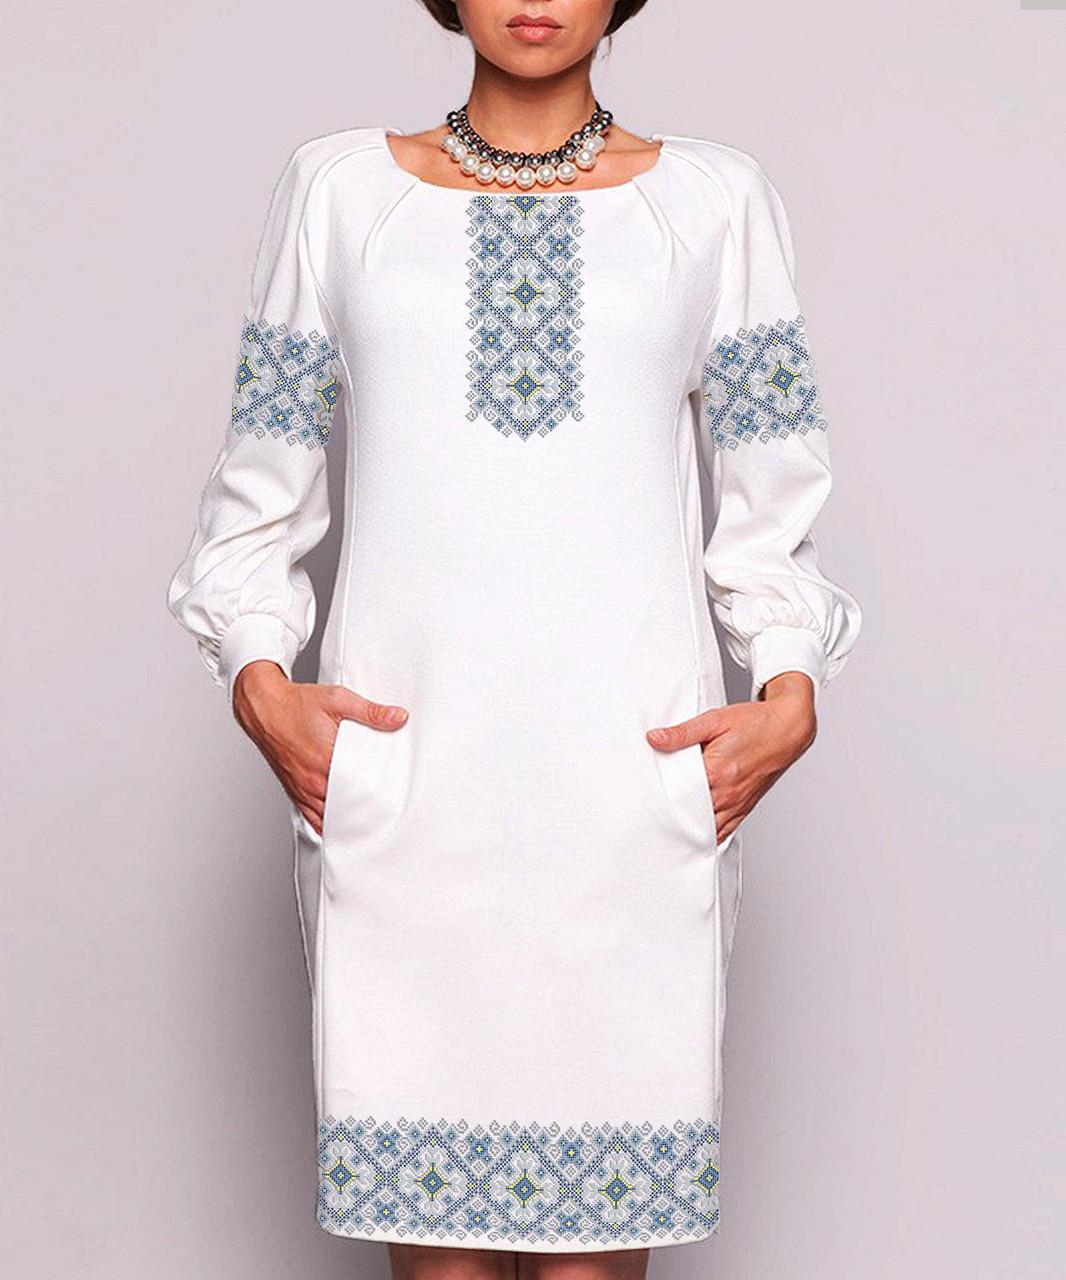 Заготовка жіночого плаття чи сукні для вишивки та вишивання бісером Бисерок   «Орнамент 95» (П-95 ГБ) Габардин